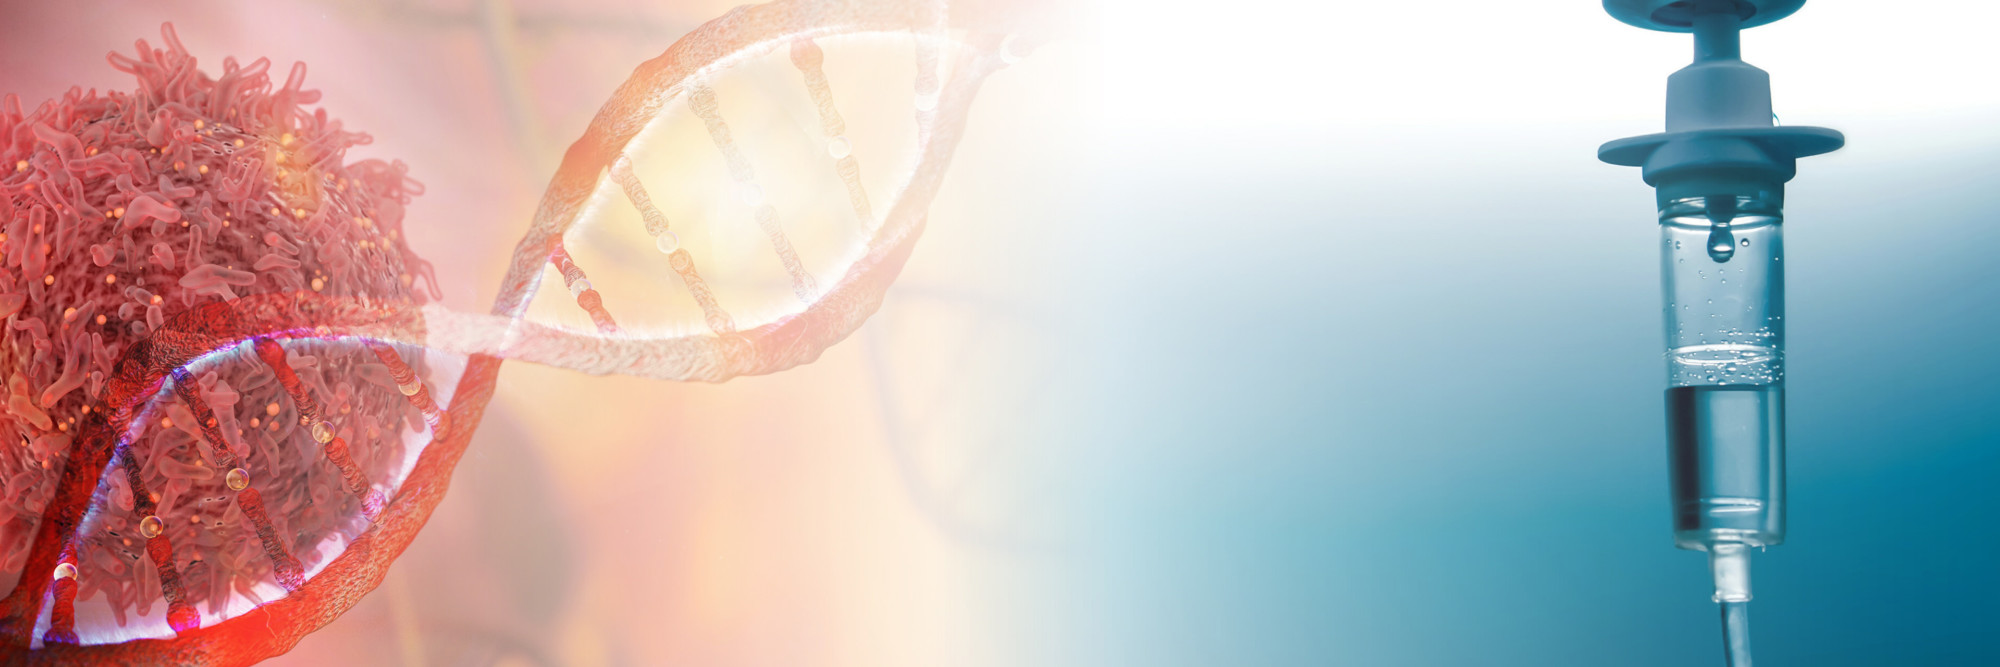 Stilisierte Darstellung einer Krebszelle und einer Chemotherapie.